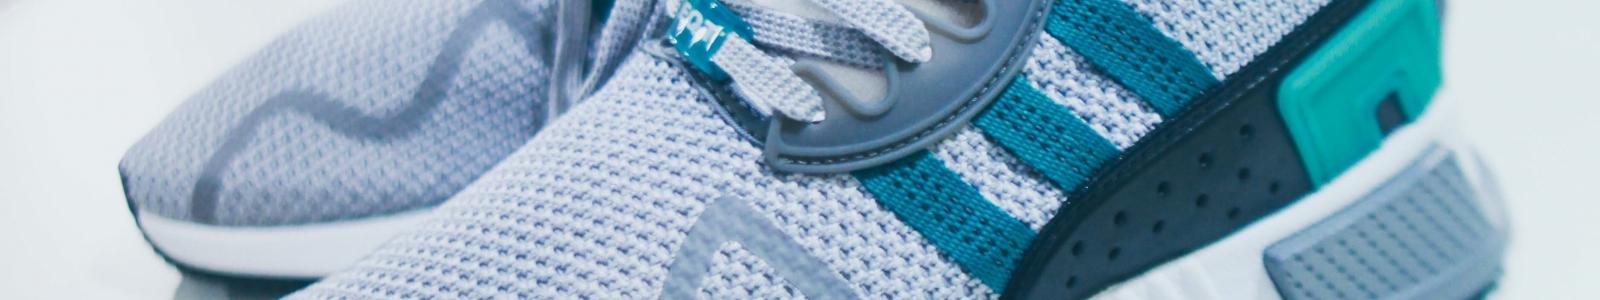 8387c4aa5 Nové horúce modely Adidas. Nežné objatie pre vaše nohy - Blog ...